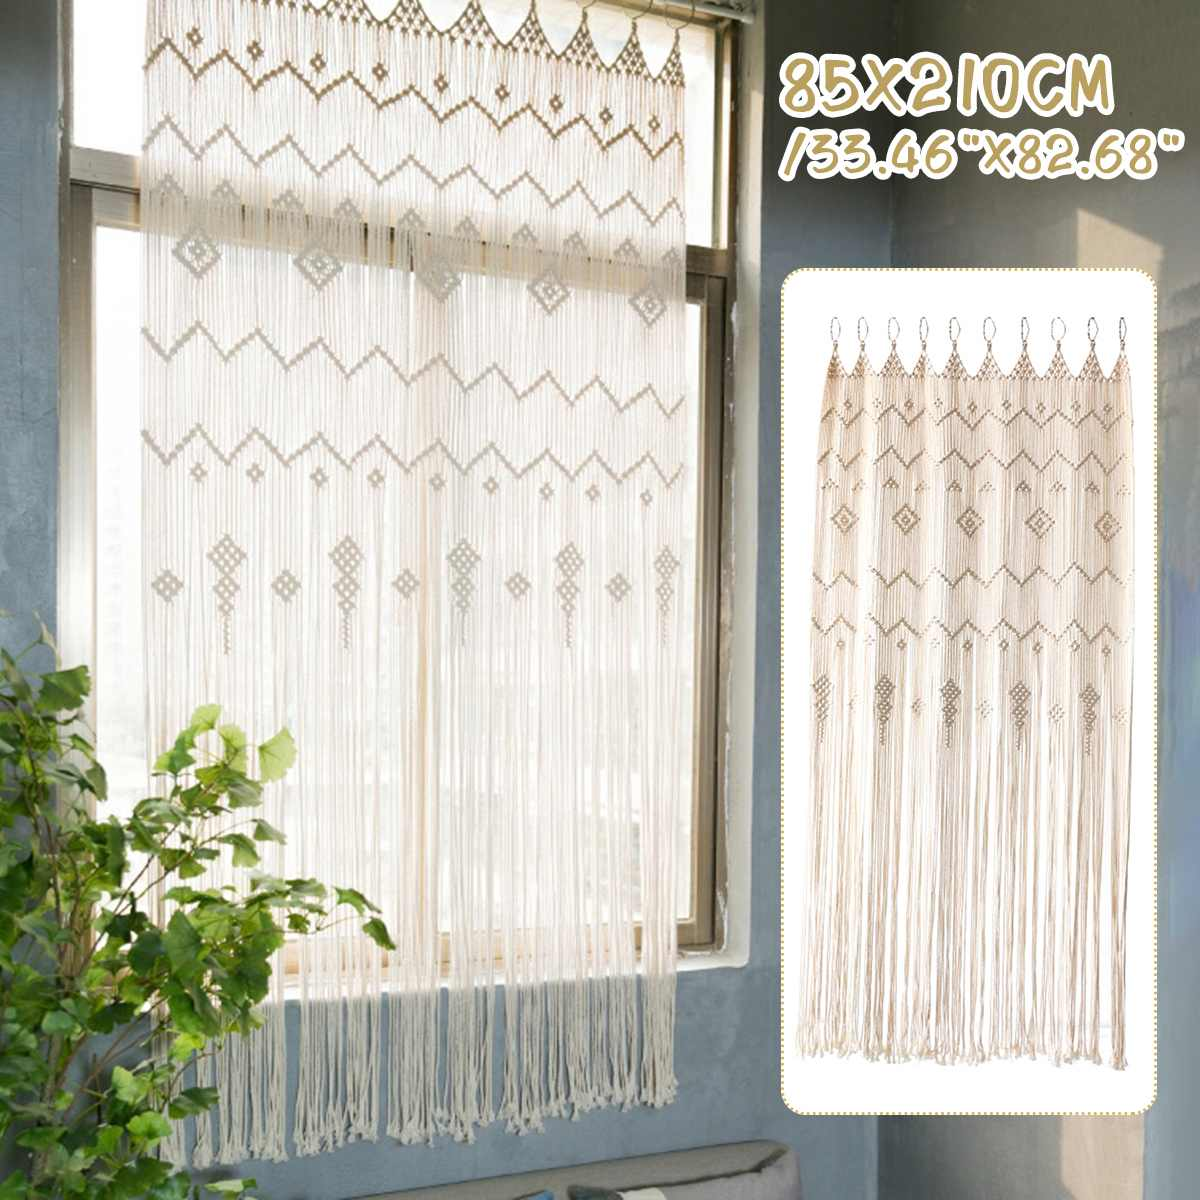 بوهيميا مكرامية نافذة الستار الجدار الشنق نسيج غرفة باب الزفاف خلفية مقسم الباب نافذة الستار خلفية الزفاف